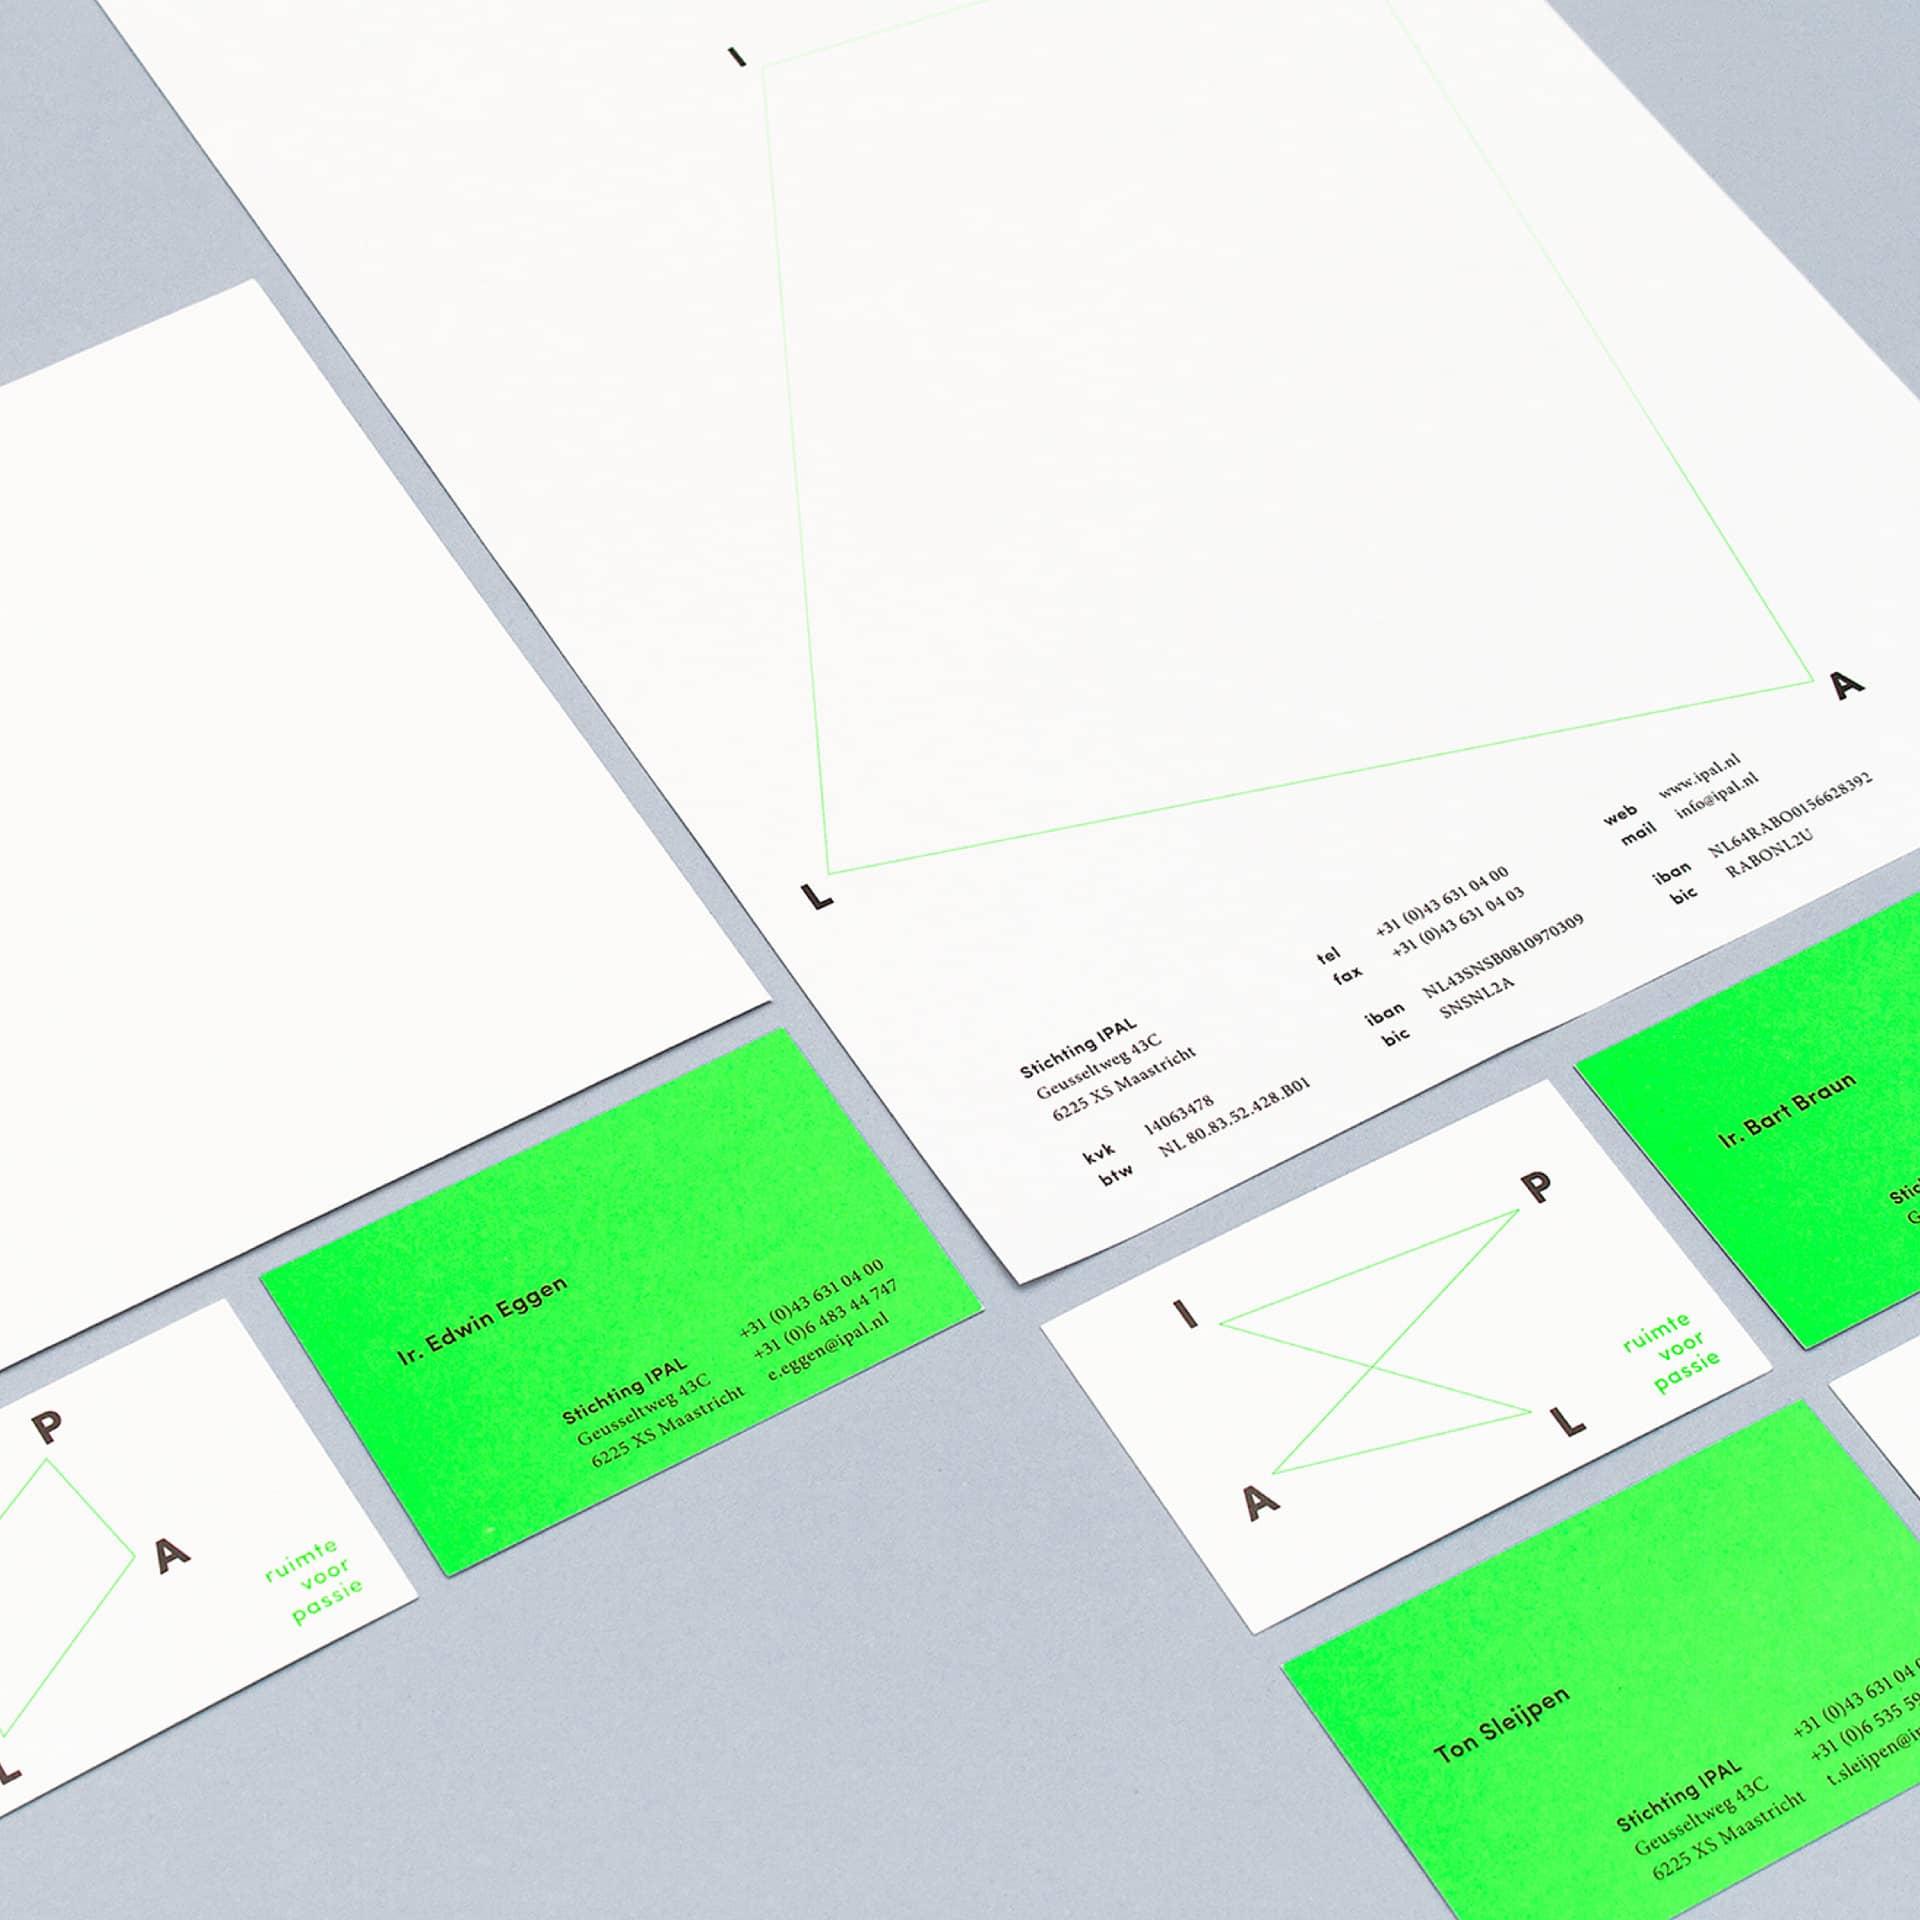 Neon fluor huisstijl, logo, offset drukwerk, visitekaartje, briefpapier, enveloppen ten behoeve van Stichting IPAL ontworpen door Saus